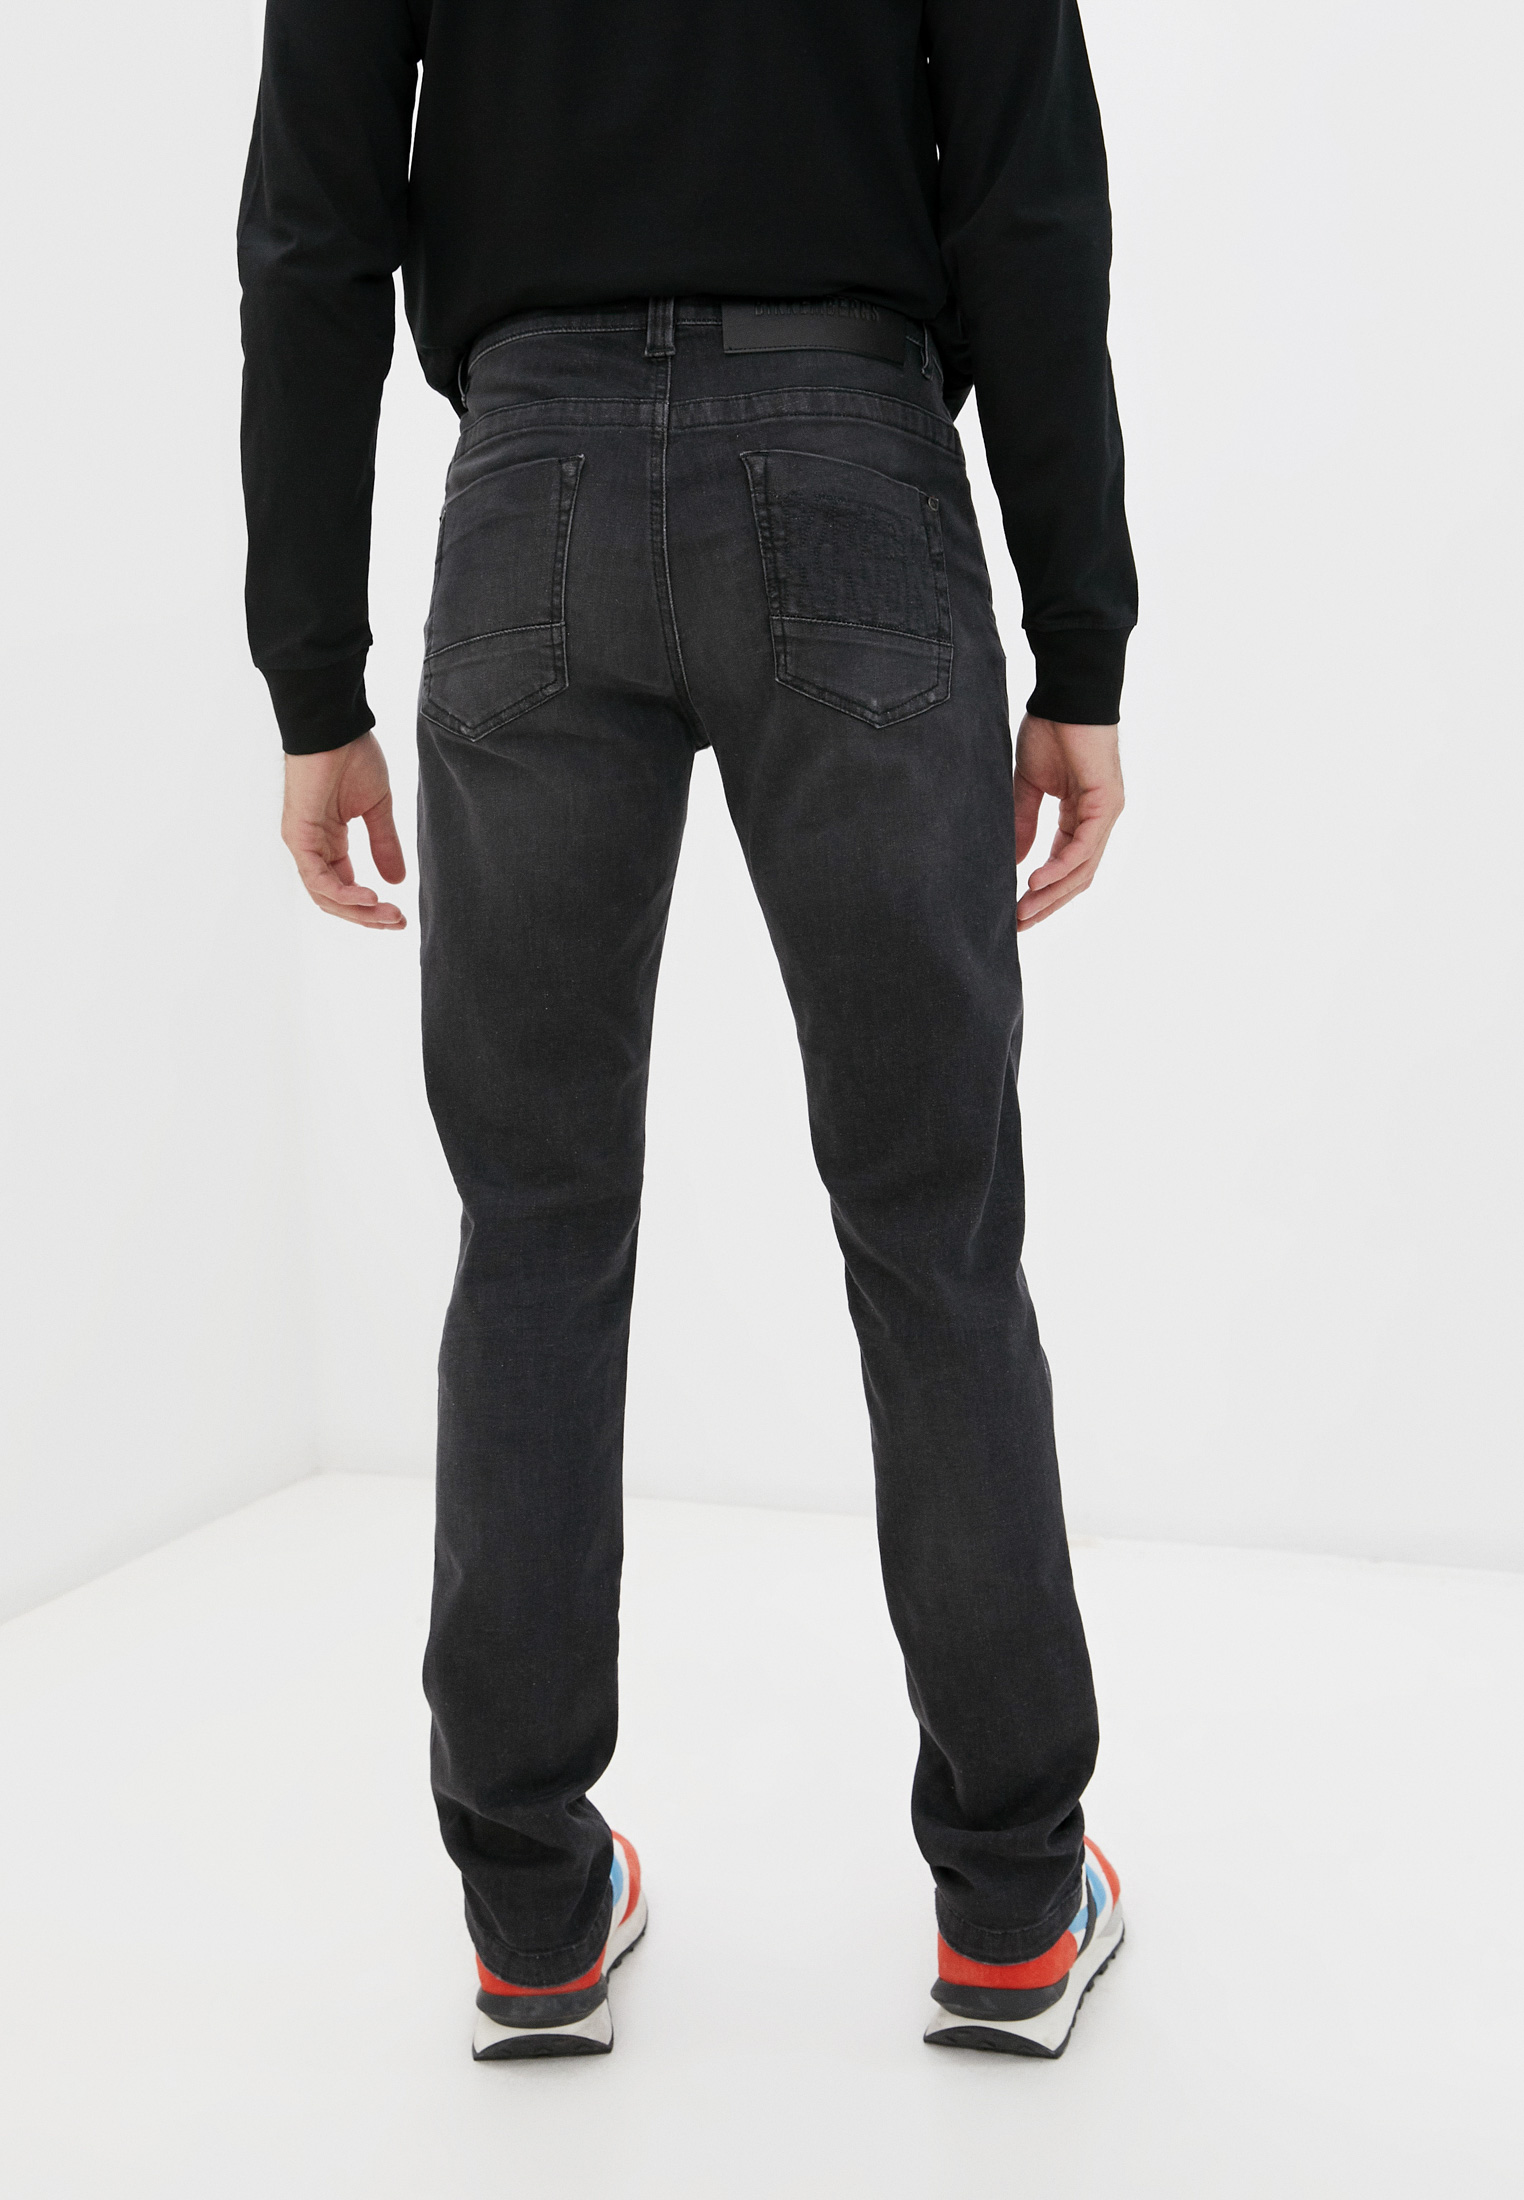 Мужские зауженные джинсы Bikkembergs (Биккембергс) C Q 101 17 S 3446: изображение 9